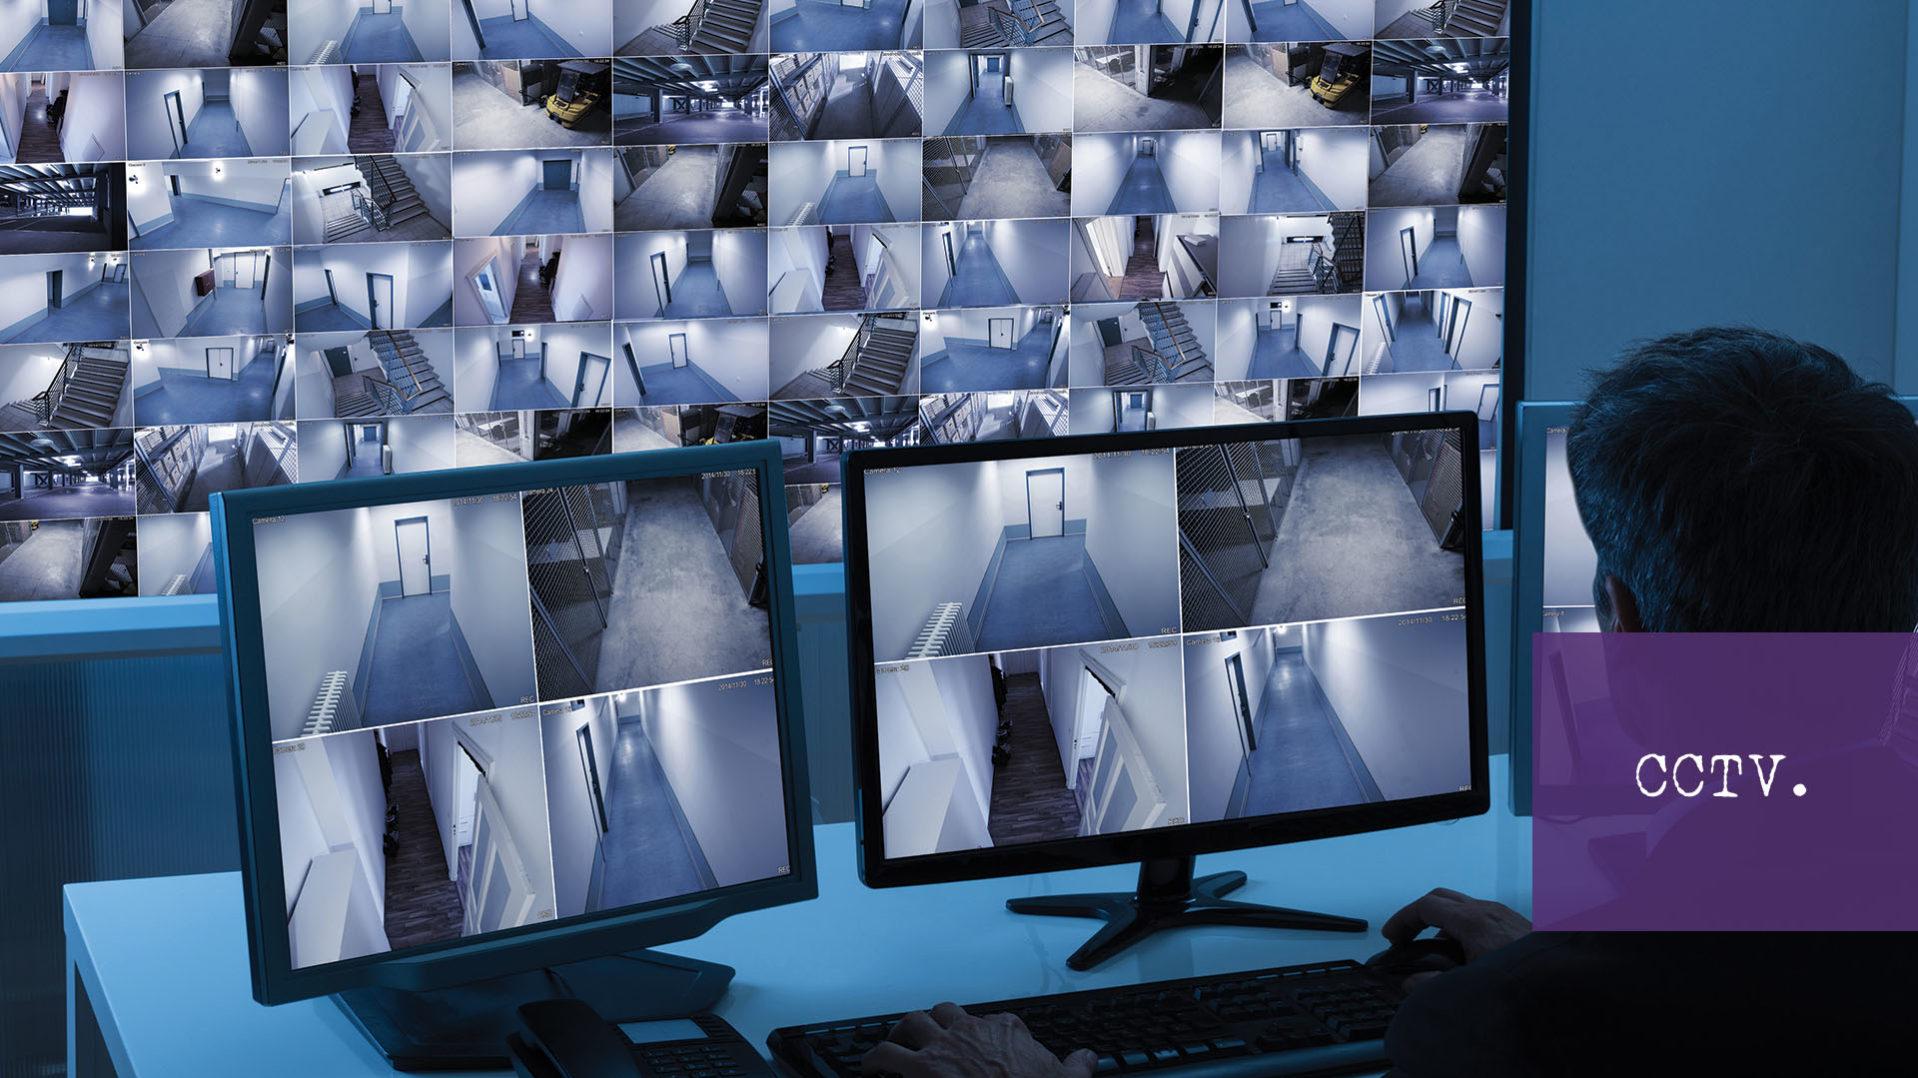 06_IFSEC-SLIDE-CCTV-03